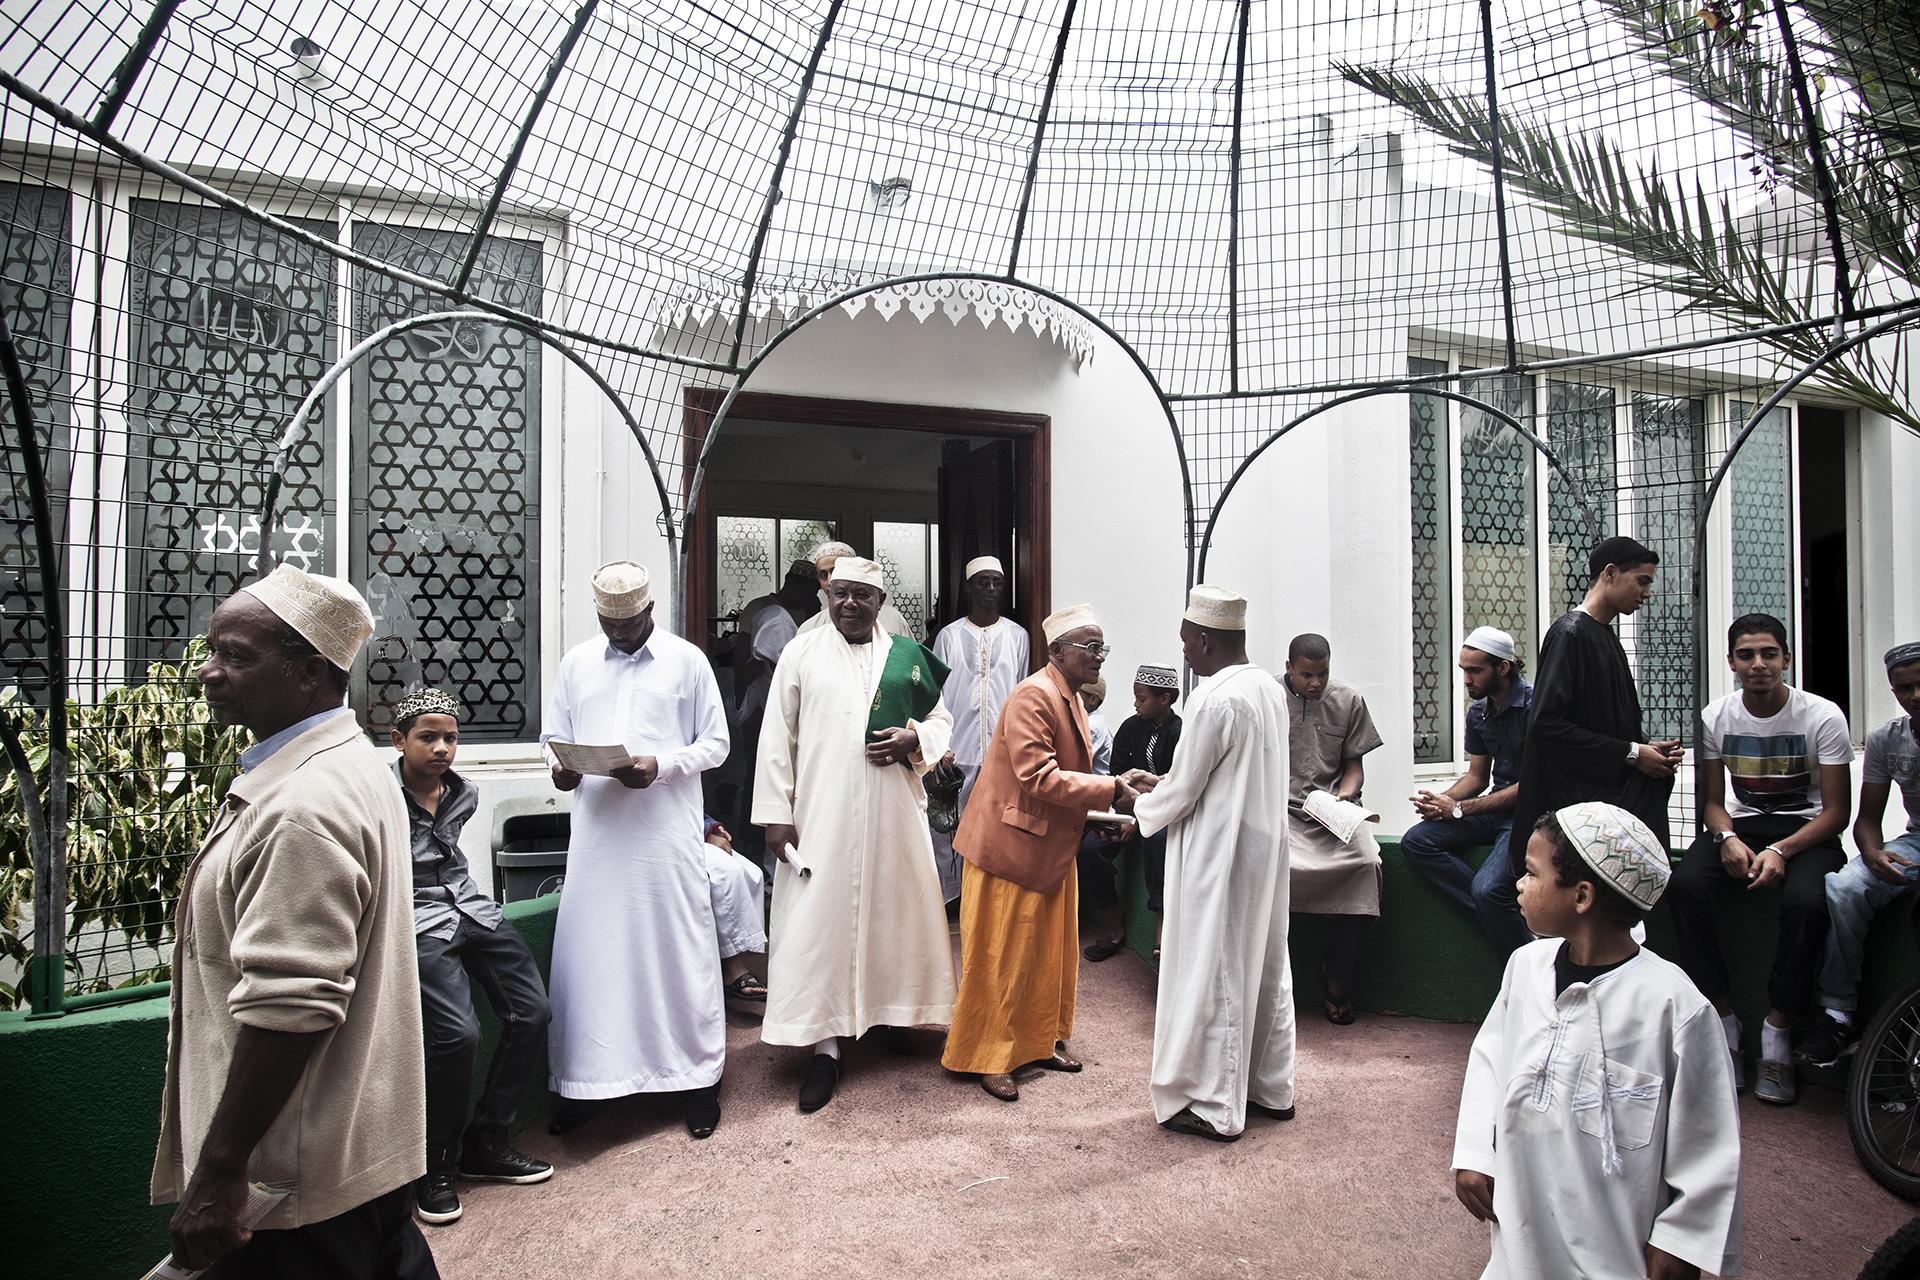 Mosquée de Saint-Pierre, Ile de la Réunion. Octobre 2012.Sortie de la mosquée de Saint-Pierre. Il y a 3 grandes communautés musulmanes sur l'île: les indo-musulmans, les maorais et les comoriens. S'y ajoutent depuis quelques années des musulmans originaires du Maghreb qui se sont implantés à la Réunion mais aussi nombreux convertis locaux.